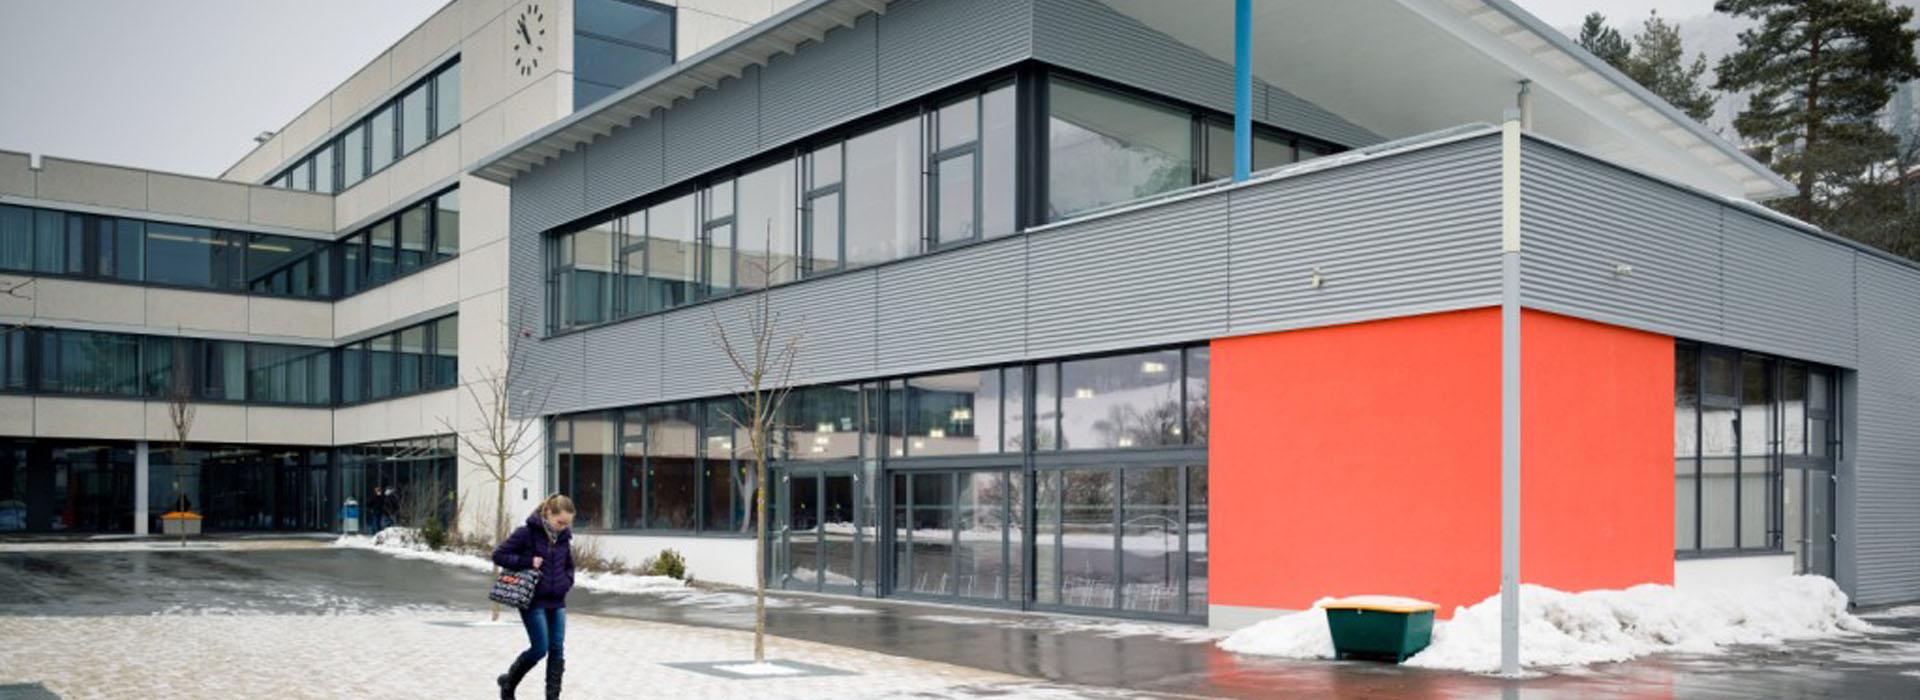 Energieberatung für Nichtwohngebäude